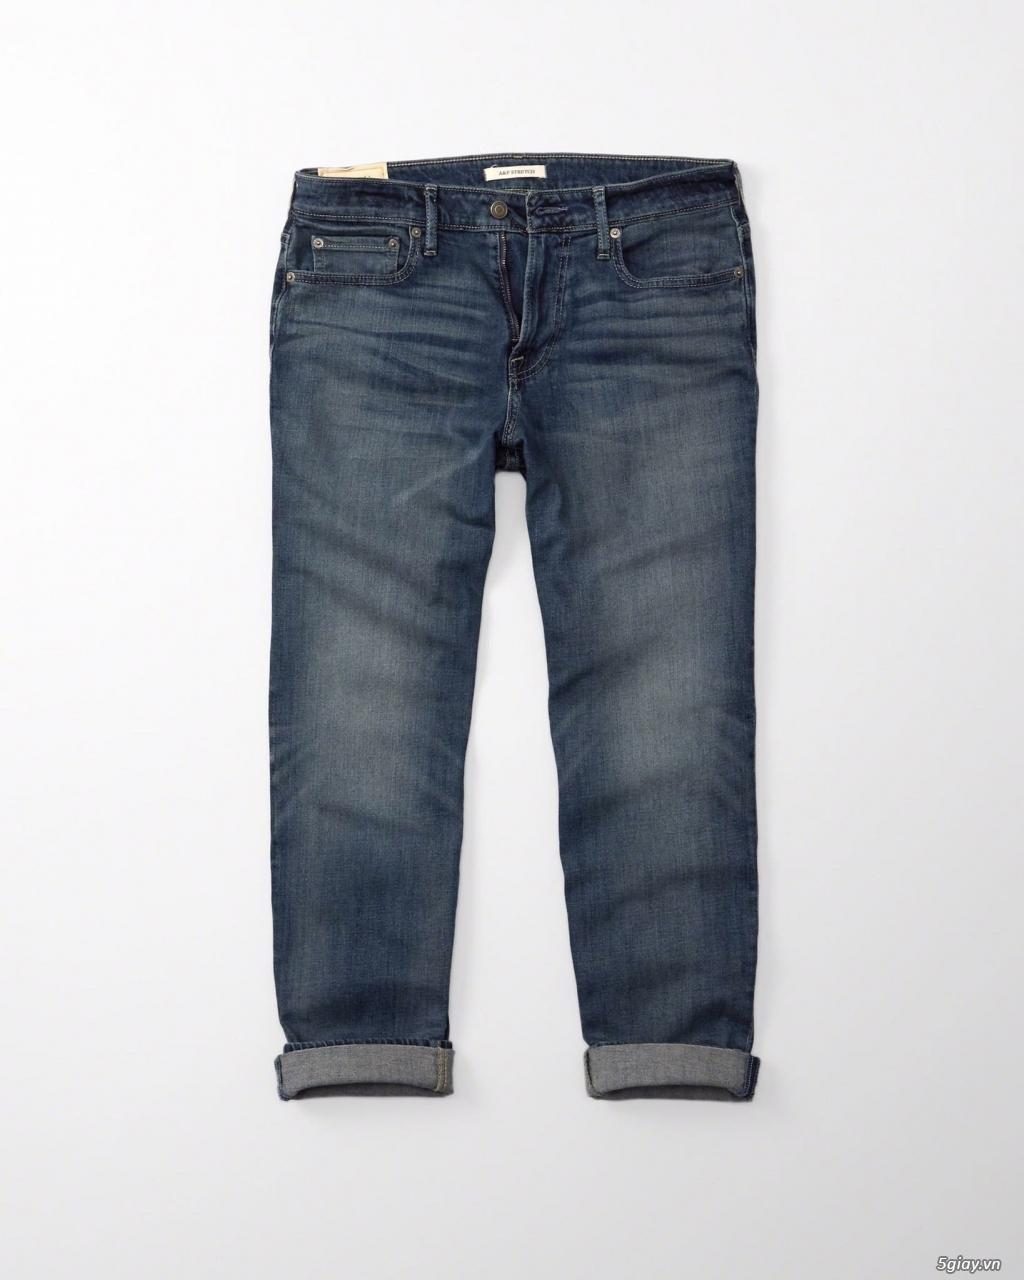 Cần thanh lý quẩn jeans abercrombie & fitch mua bên mỹ . - 1